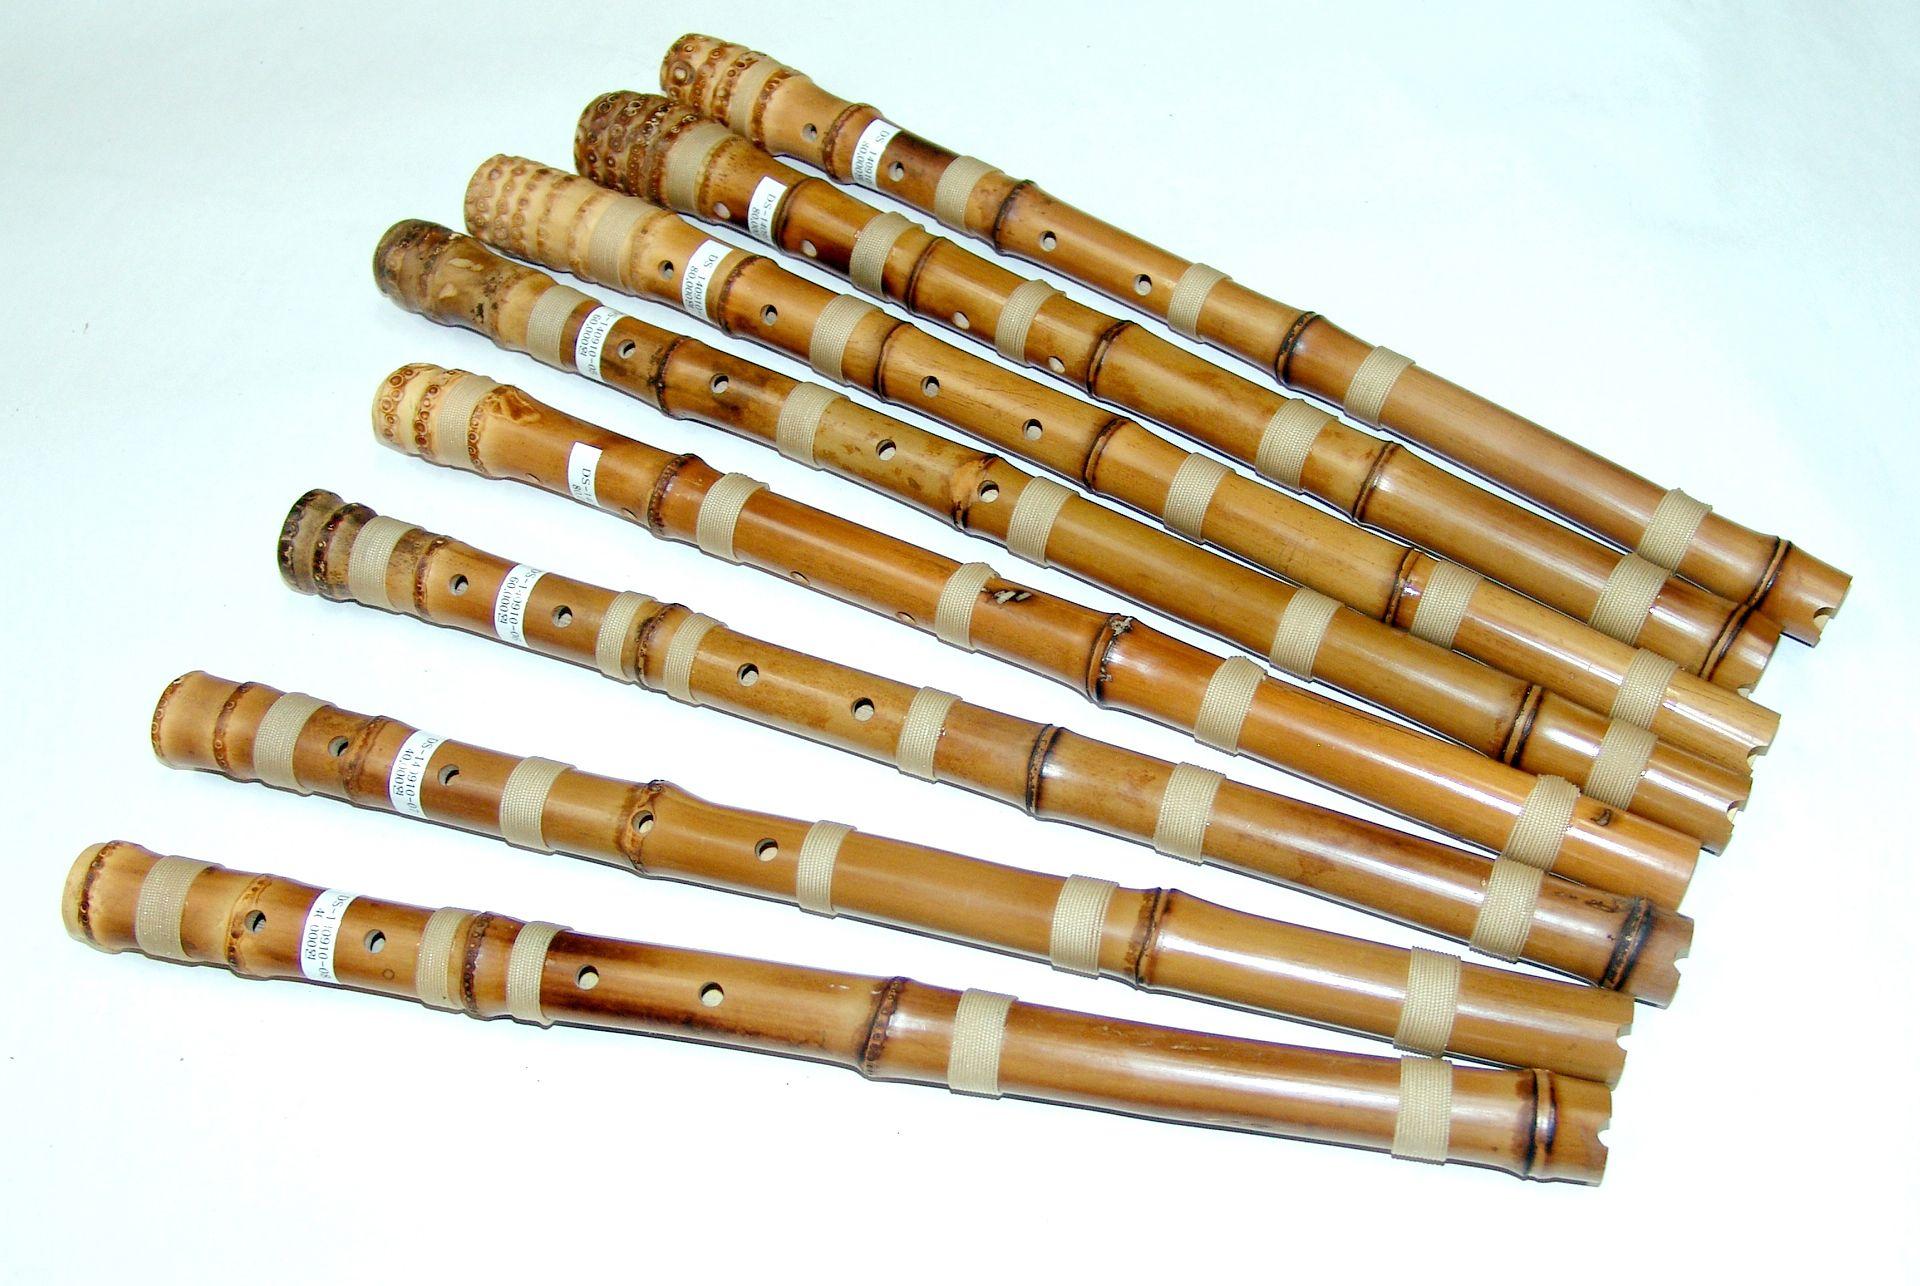 단소 Korean End Blown Bamboo Flutes Similar To The Japanese Shakuhachi 악기 민요